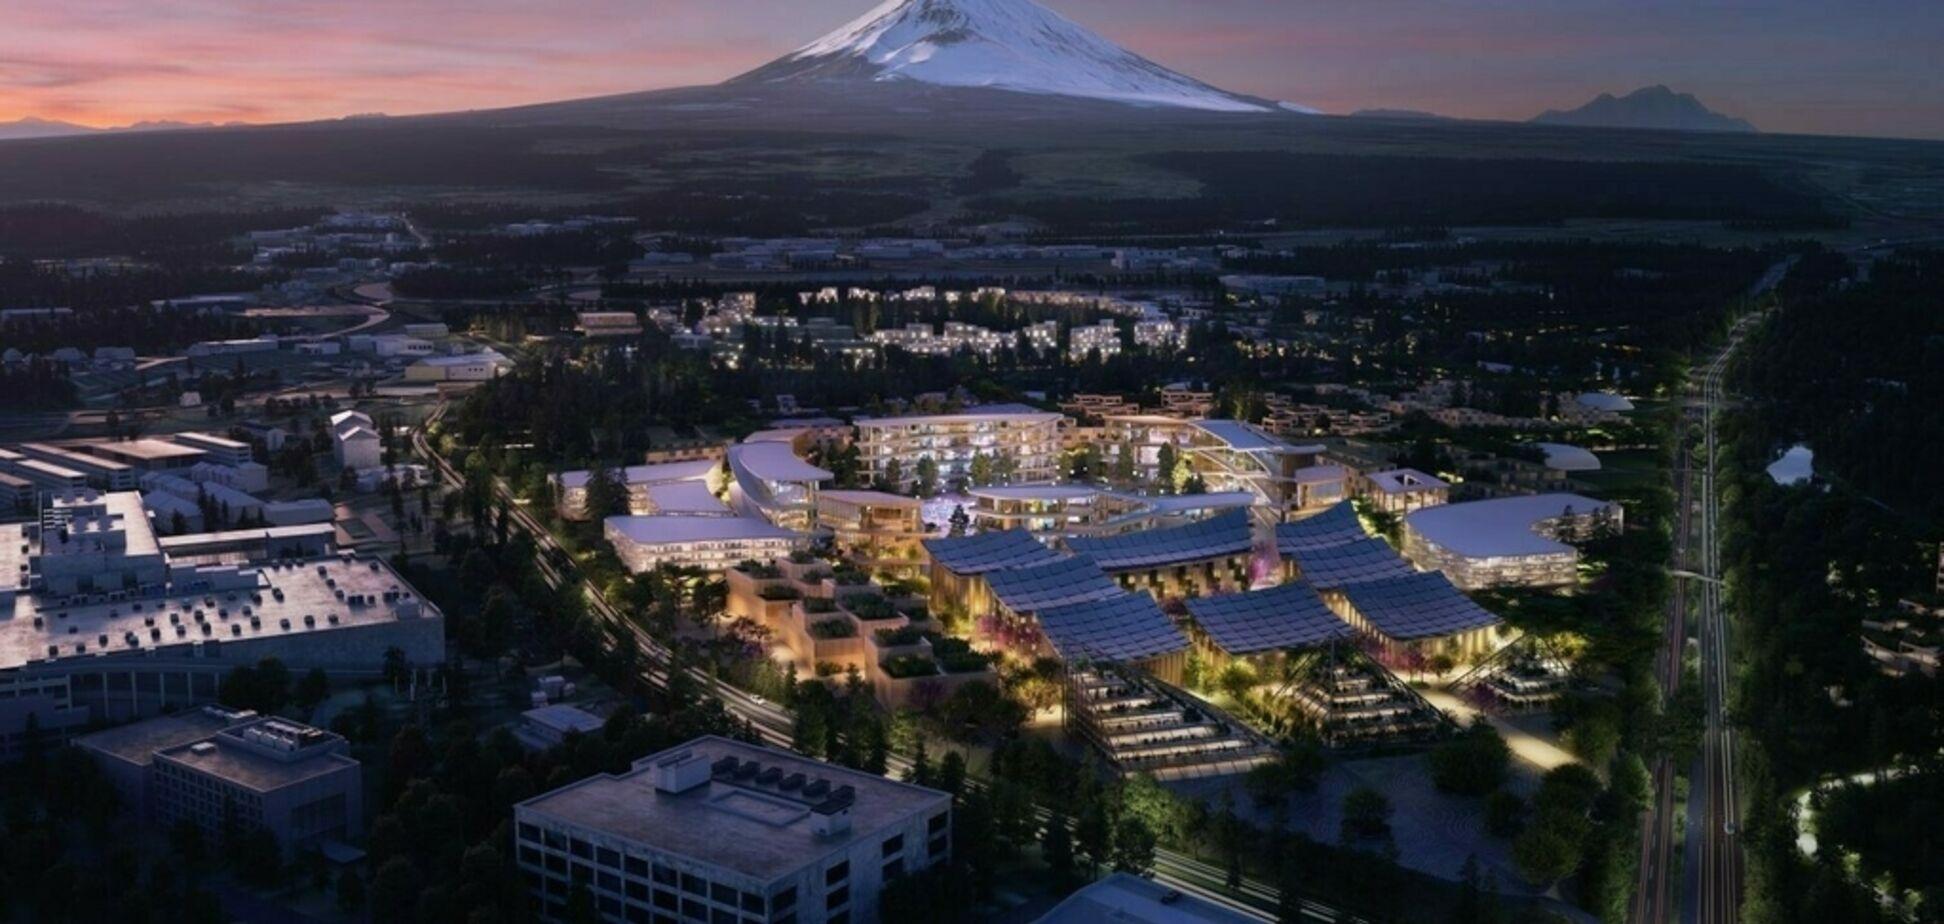 Роботы, водород и нулевые выбросы: Toyota построит в Японии 'умный' город будущего из дерева